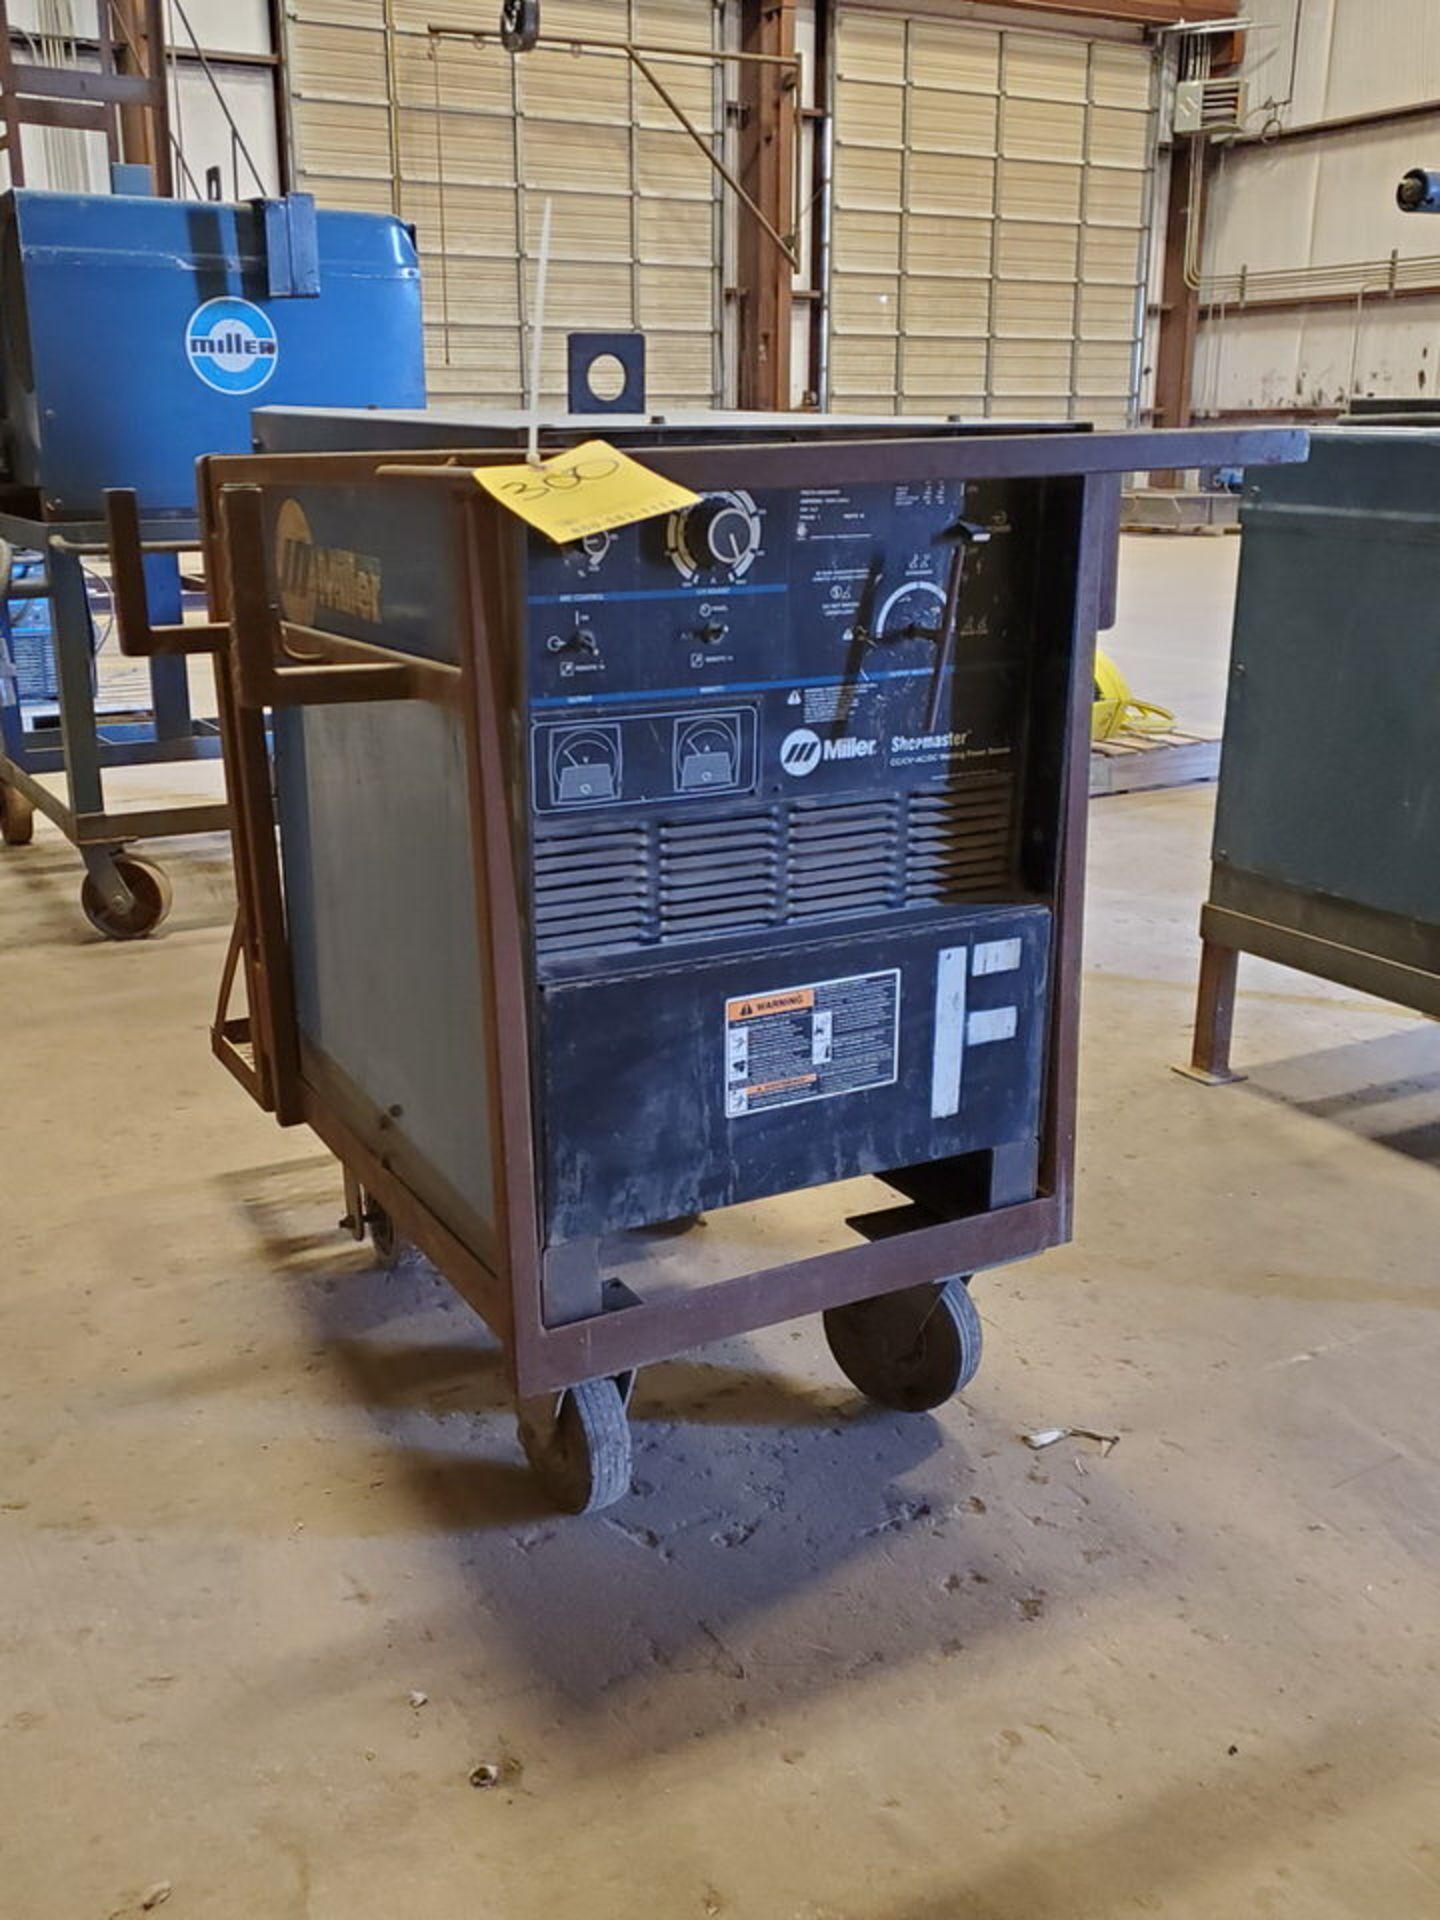 Miller Shopmaster 20 Multiprocessing Welder 200/230/460V, 105/91.2/45.6A, 1PH - Image 2 of 6